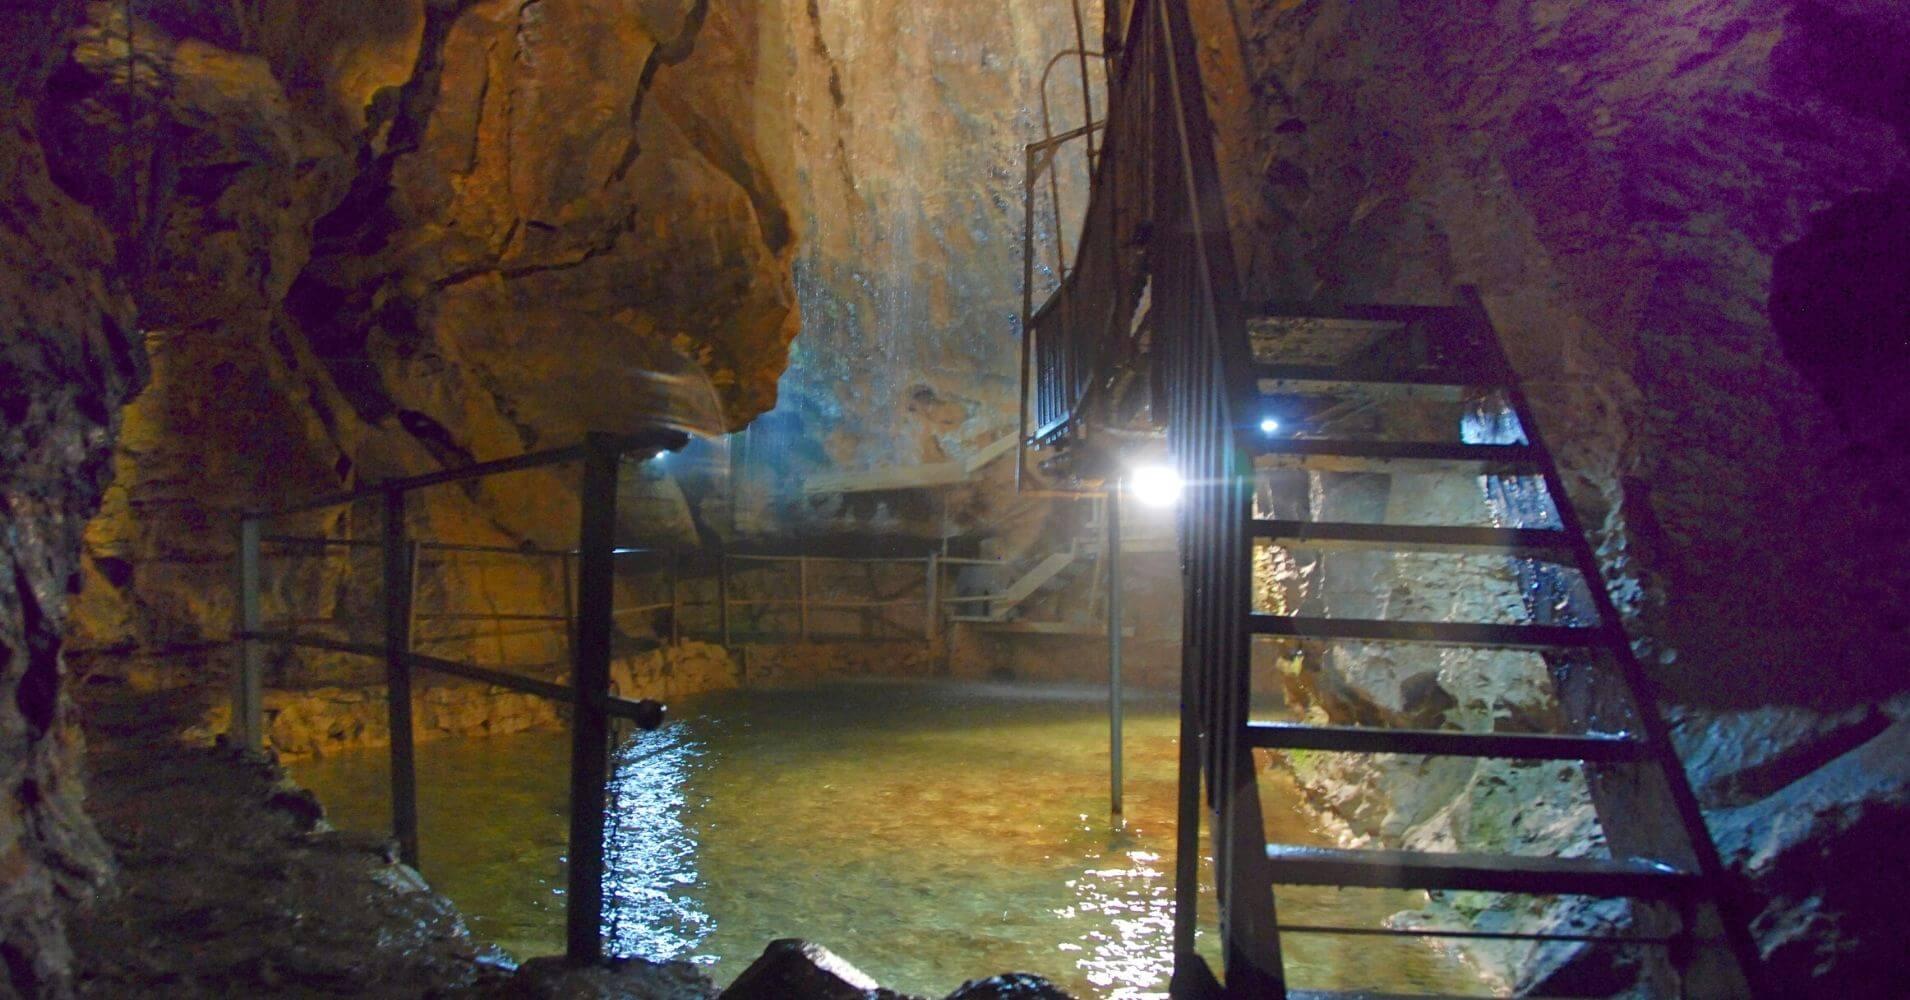 Pasarela del Lago y la Cascada de la Cueva de las Hadas. Grotte Aux Fées. St. Maurice. Valais. Suiza.